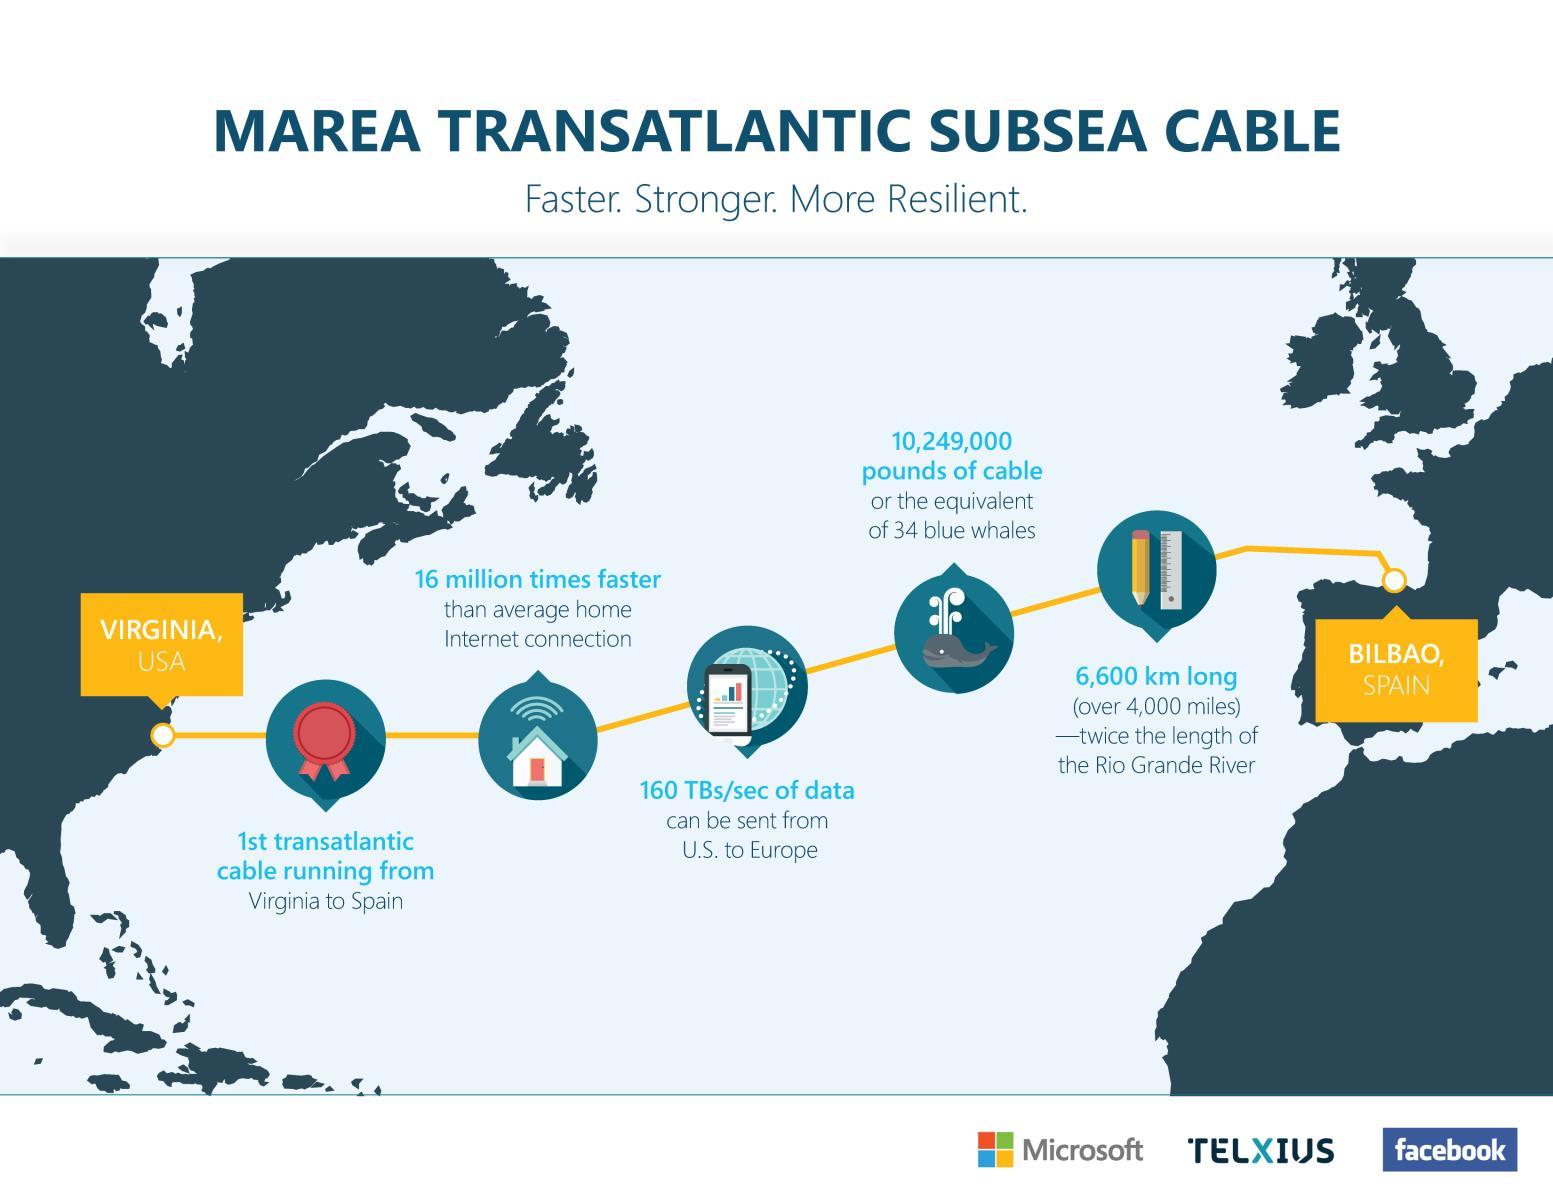 西班牙-美国海底光缆系统MAREA完成扩容测试